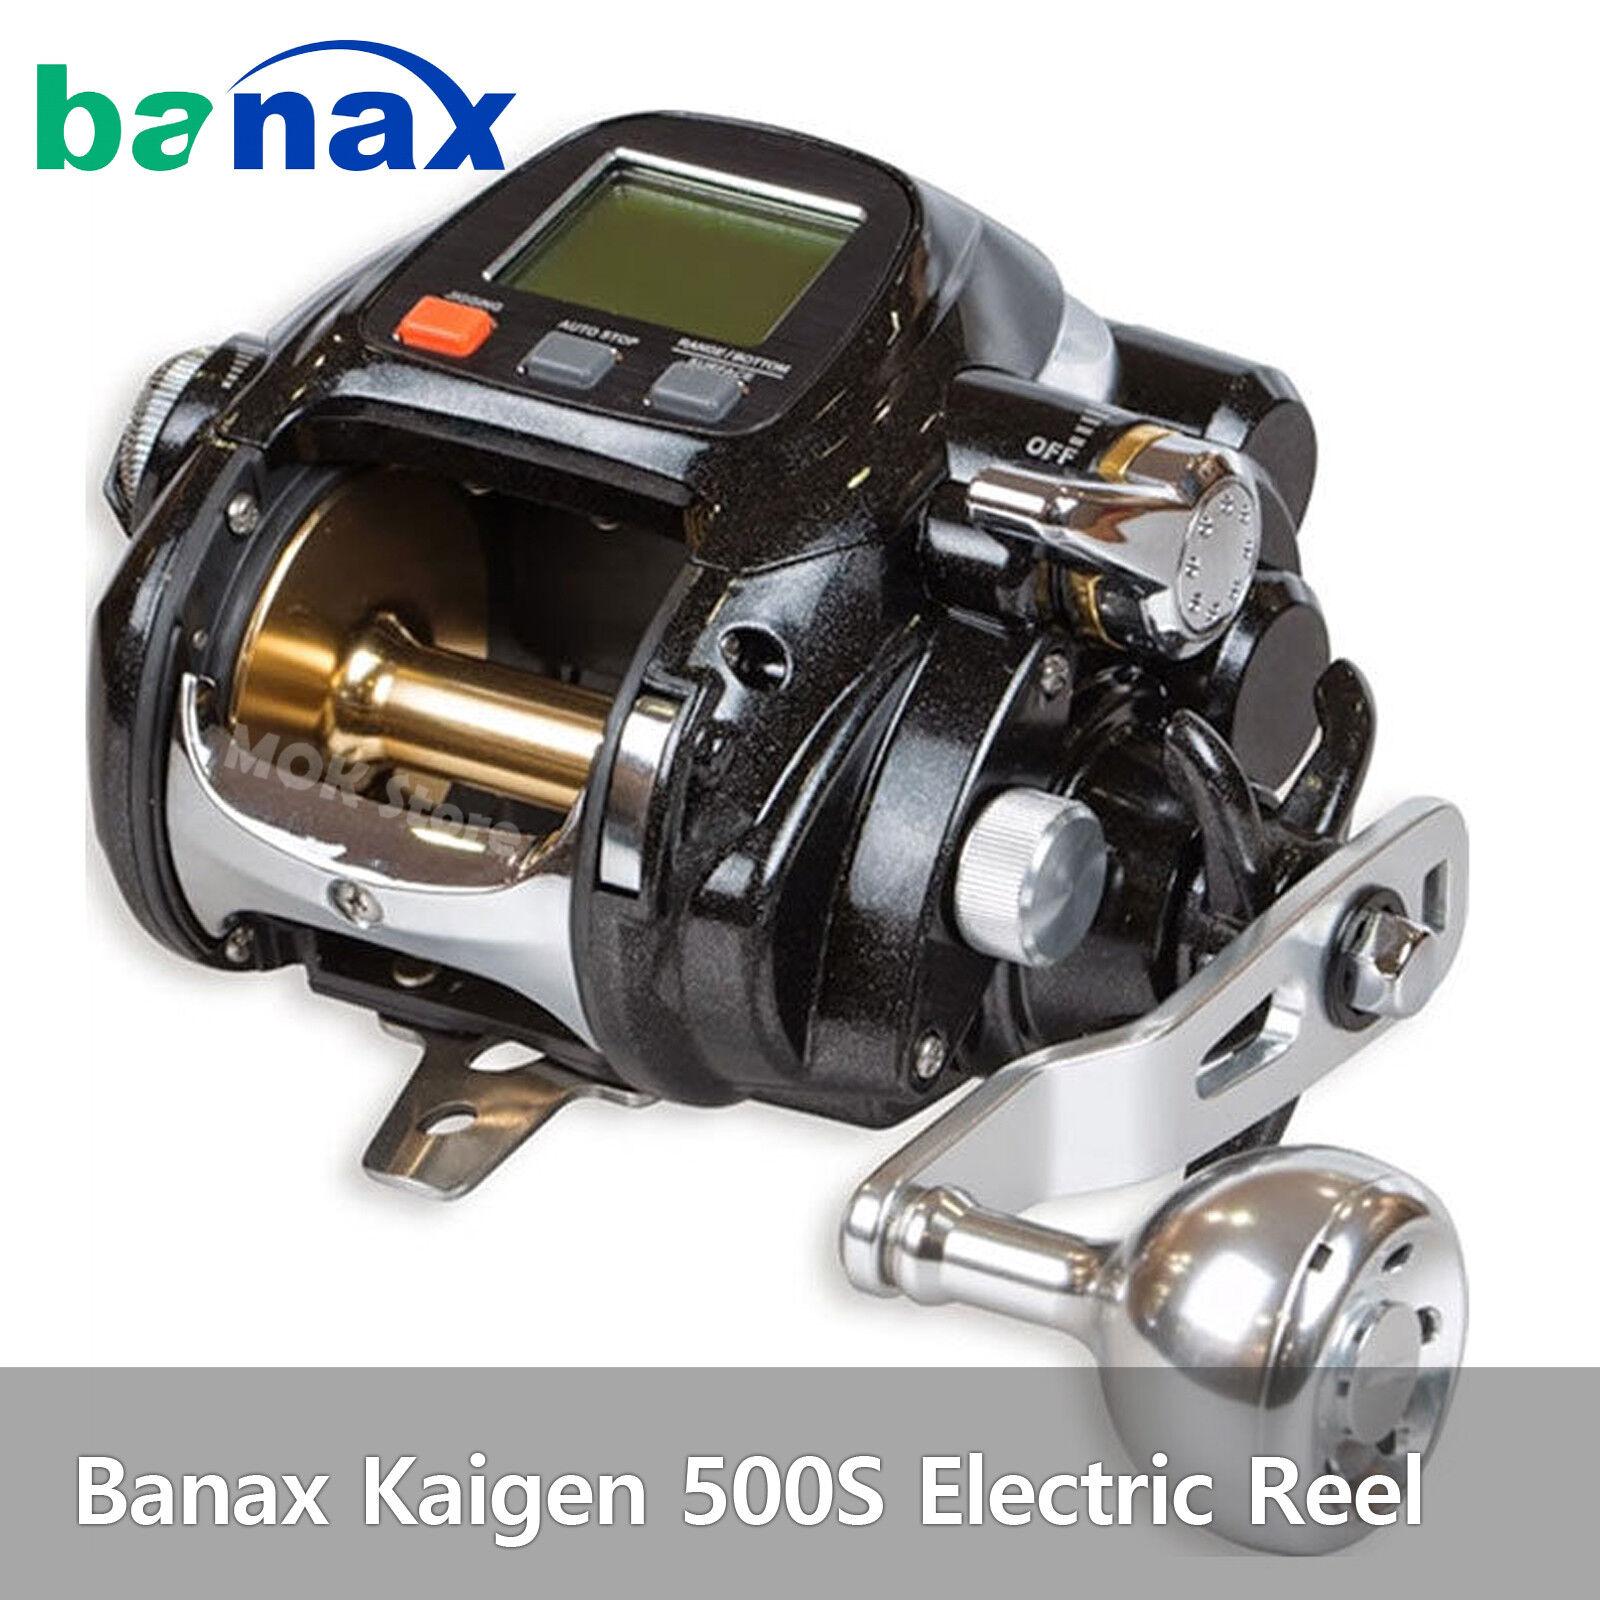 56835fdee Banax Kaigen 1000 Manual Downloads Banax Kaigen 1000 Manual Downloads